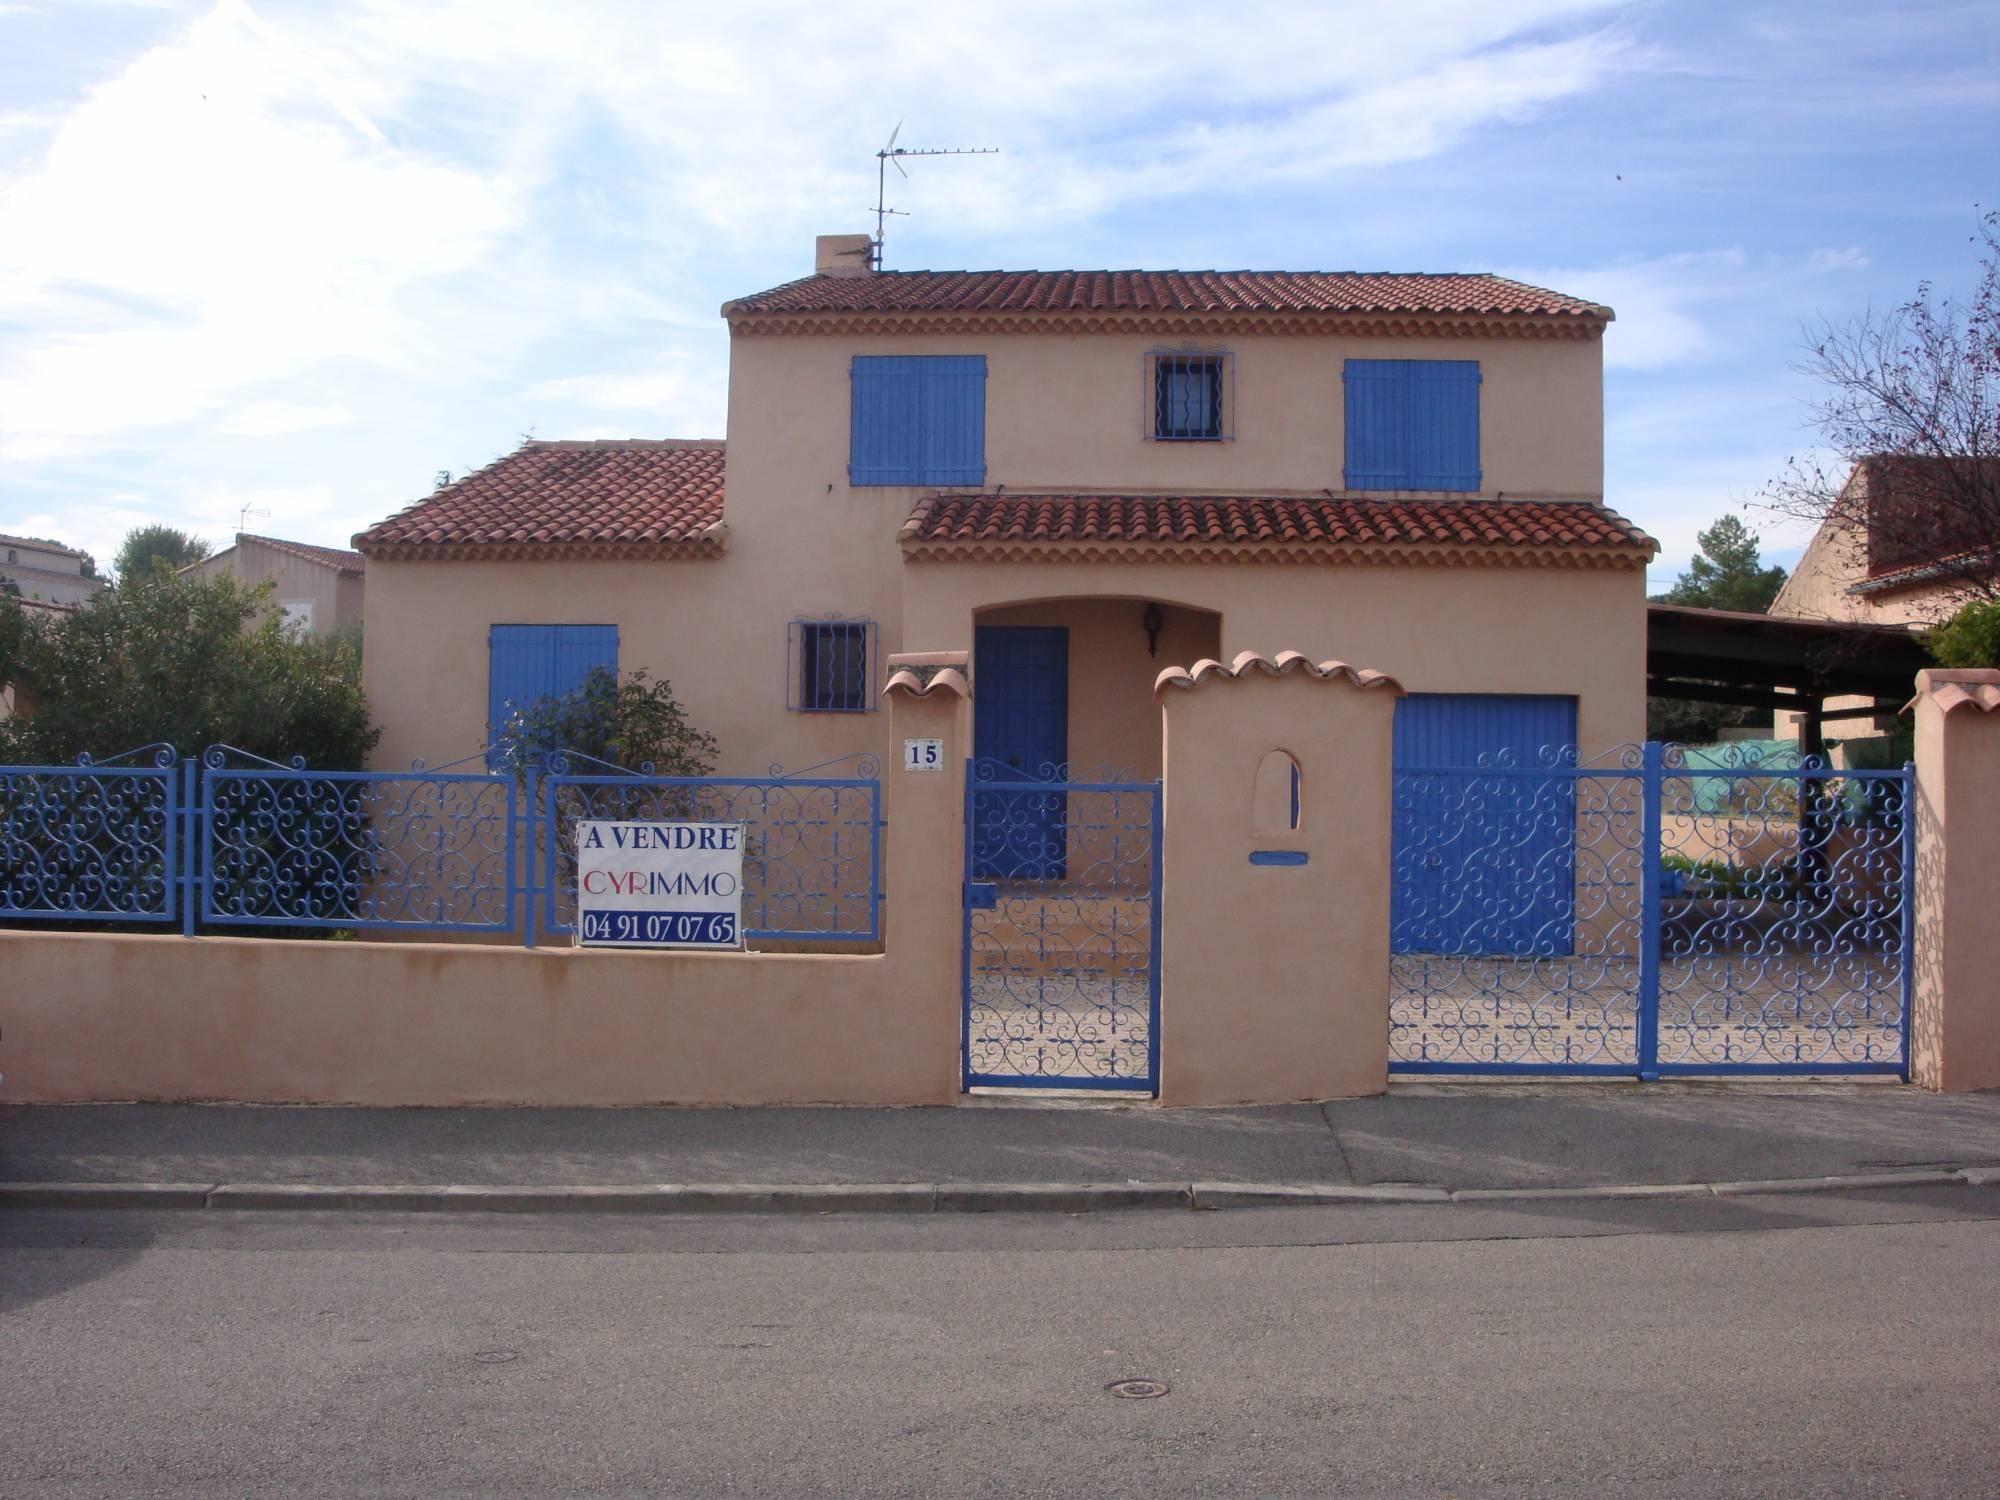 Location De Maison De Ville Avec Etage Riez Agifim 13